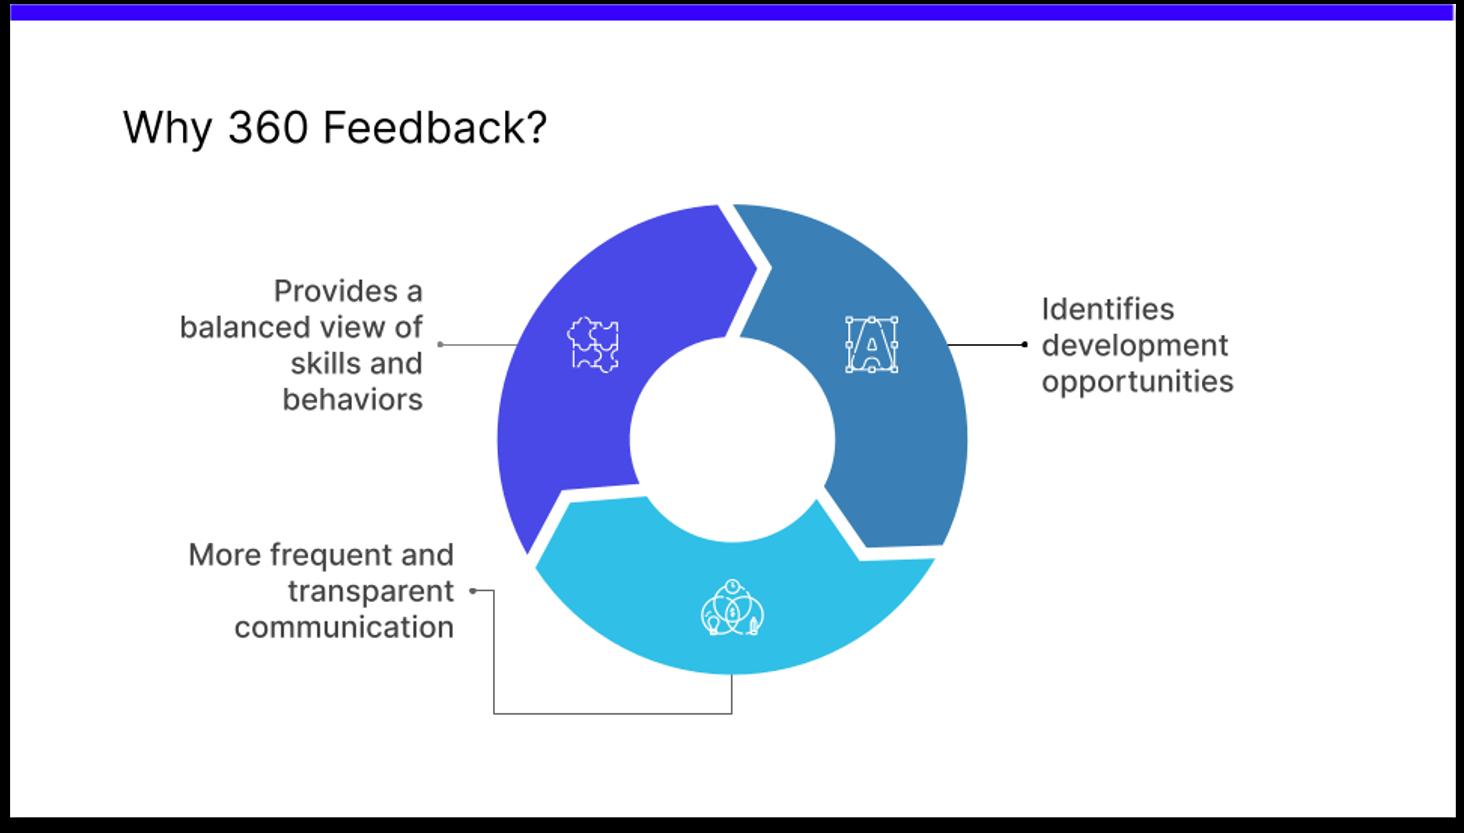 Why 360 feedback